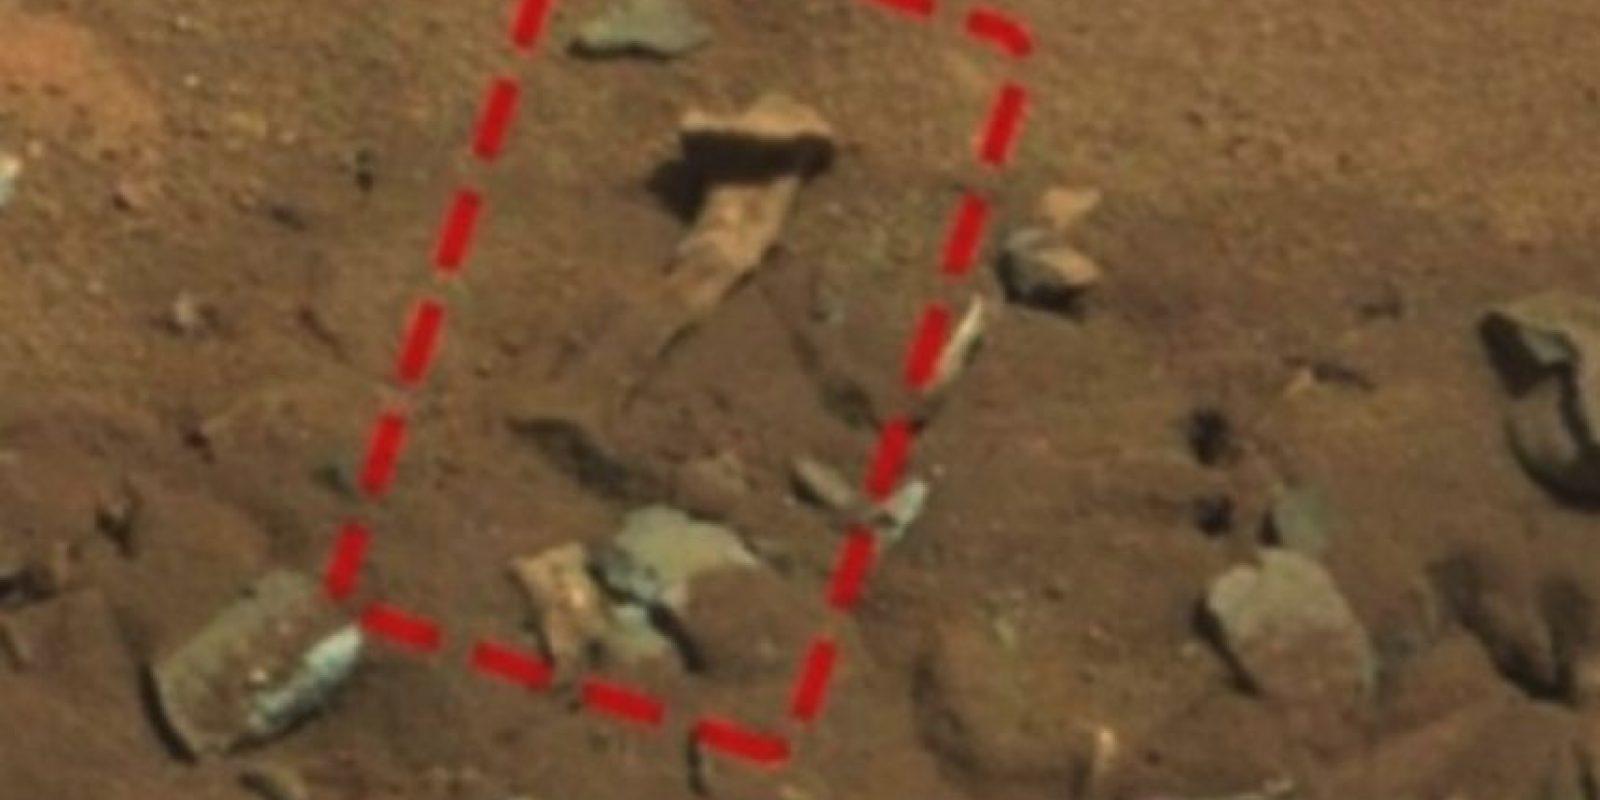 Un fémur Foto:NASA